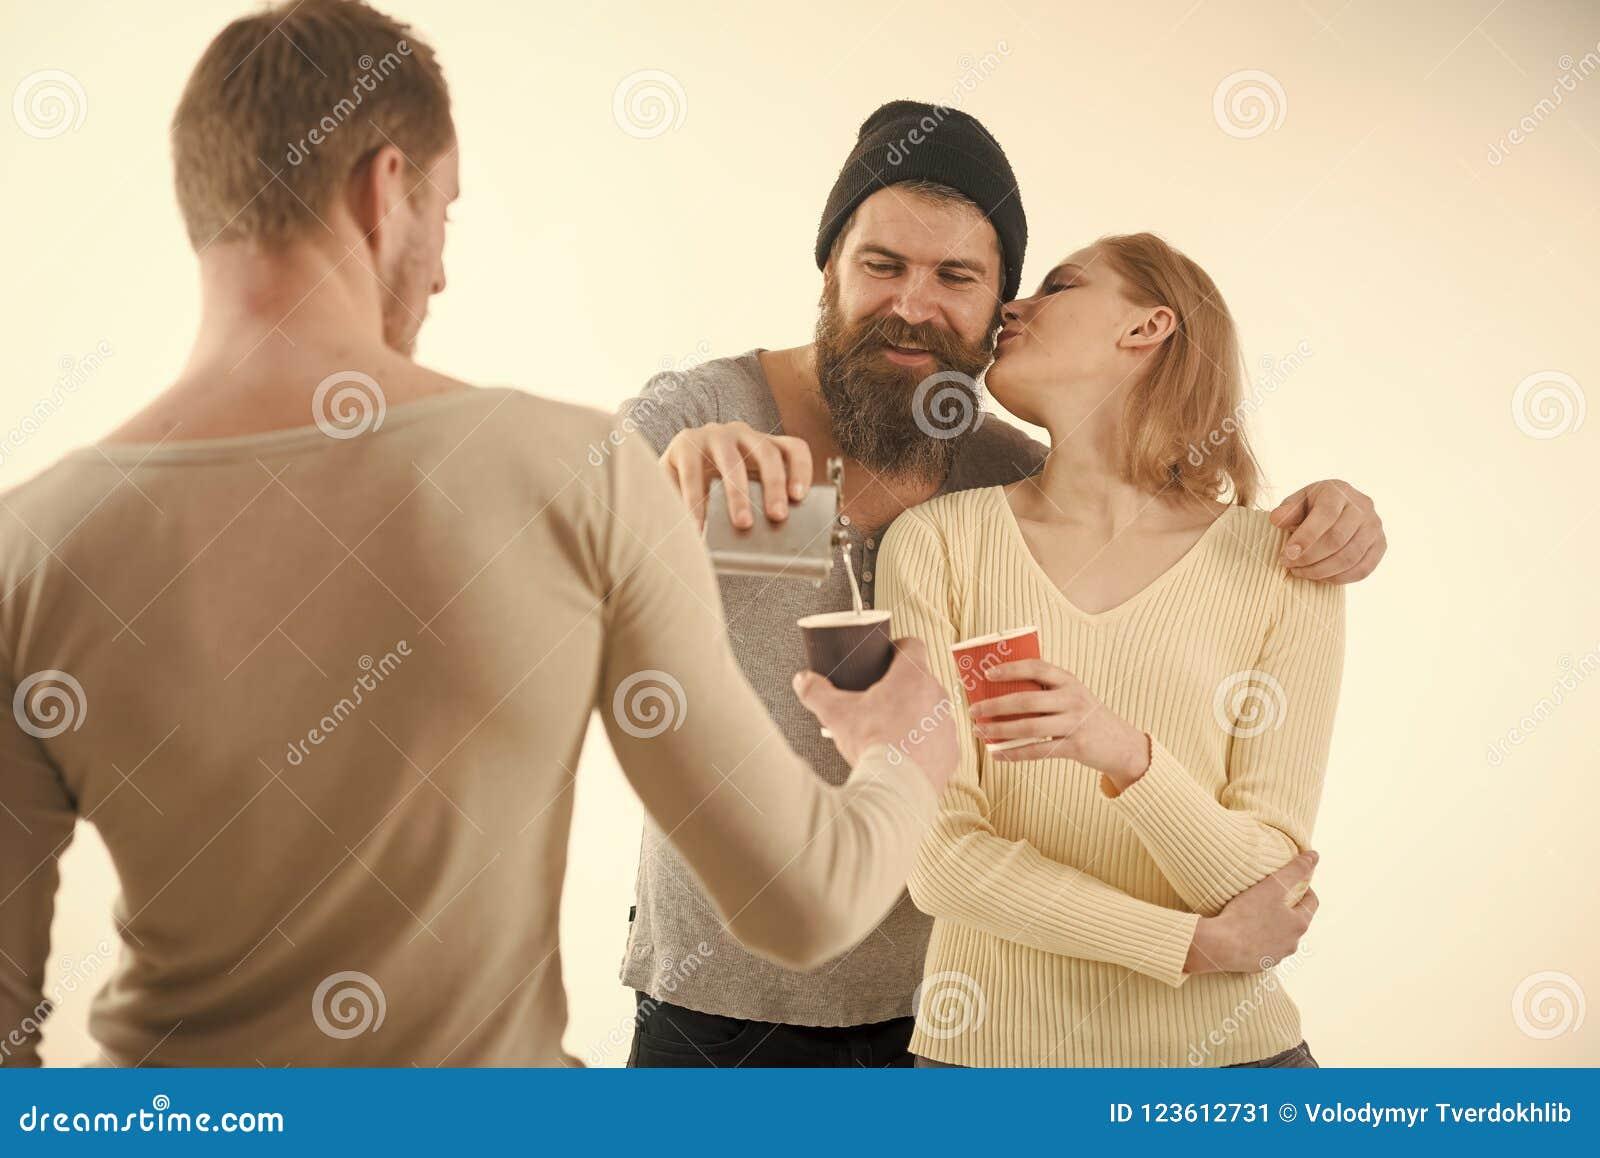 快乐的朋友公司花费与饮料的休闲 人拿着杯子,有酒精的烧瓶,讲话 乐趣和休闲概念